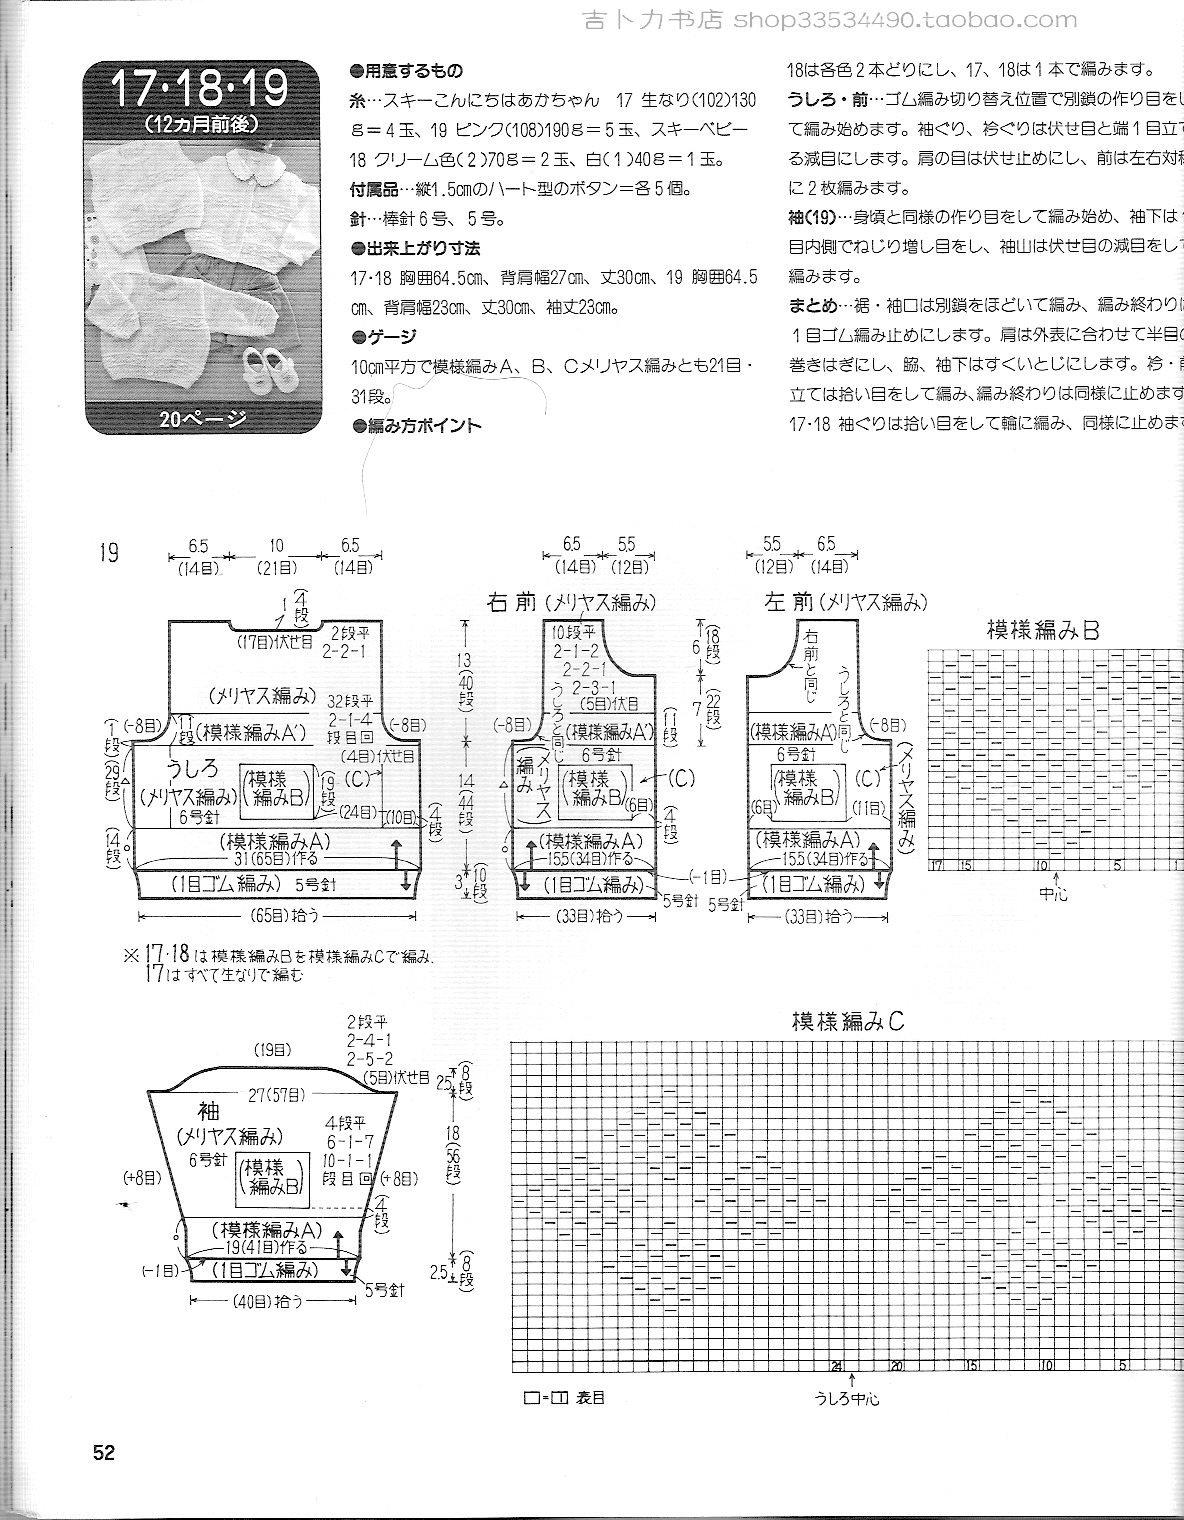 21图解.jpg